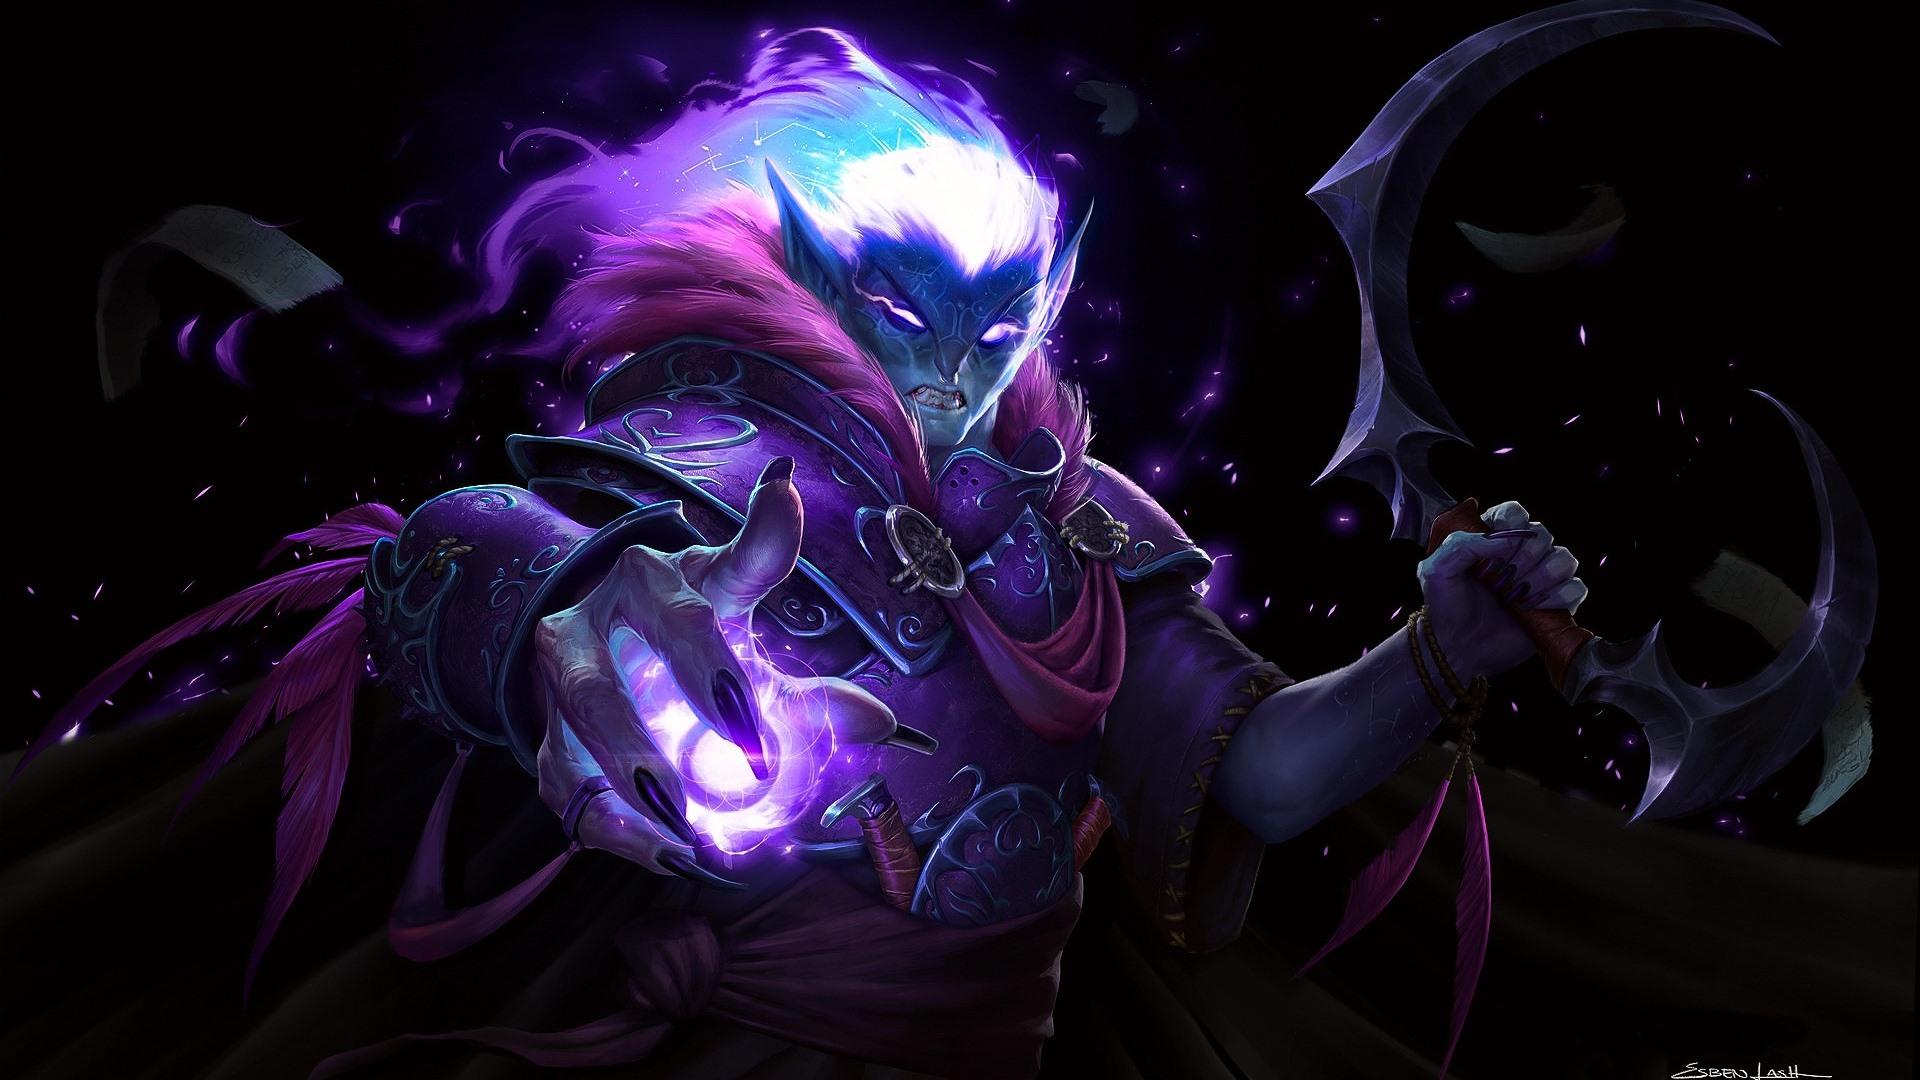 Dark Elf World Of Warcraft Wow Art Picture 640x1136 Iphone 5 5s